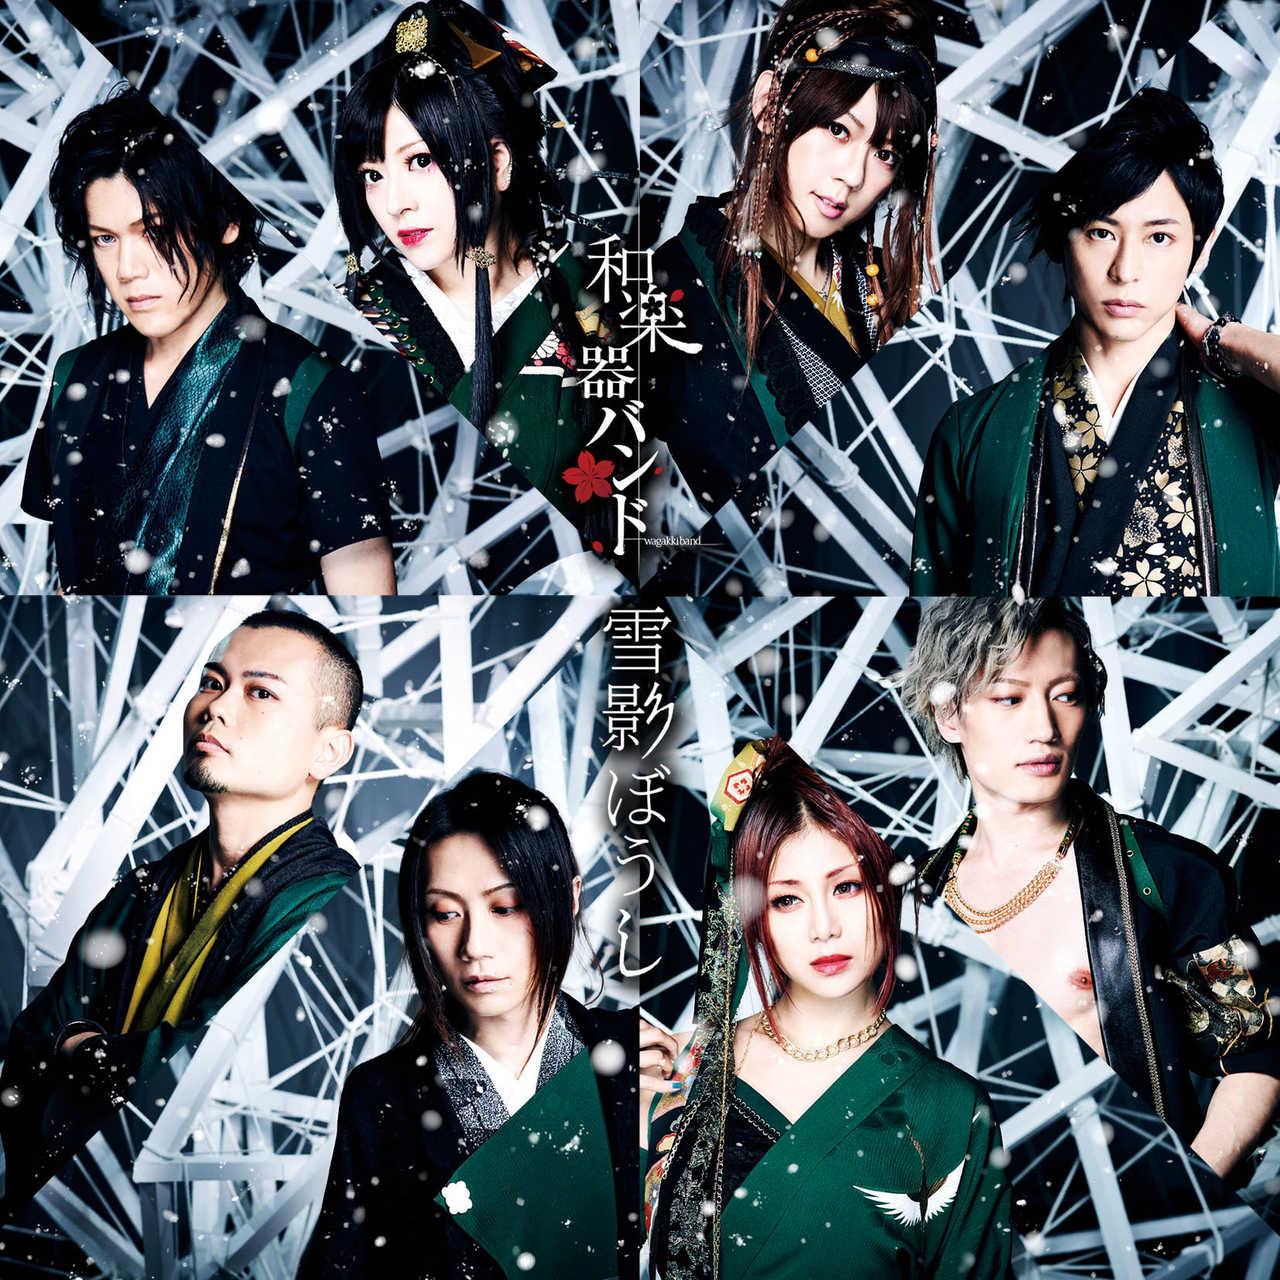 和楽器バンド、2nd Single「雪影ぼうし」の最新アートワークを公開!!